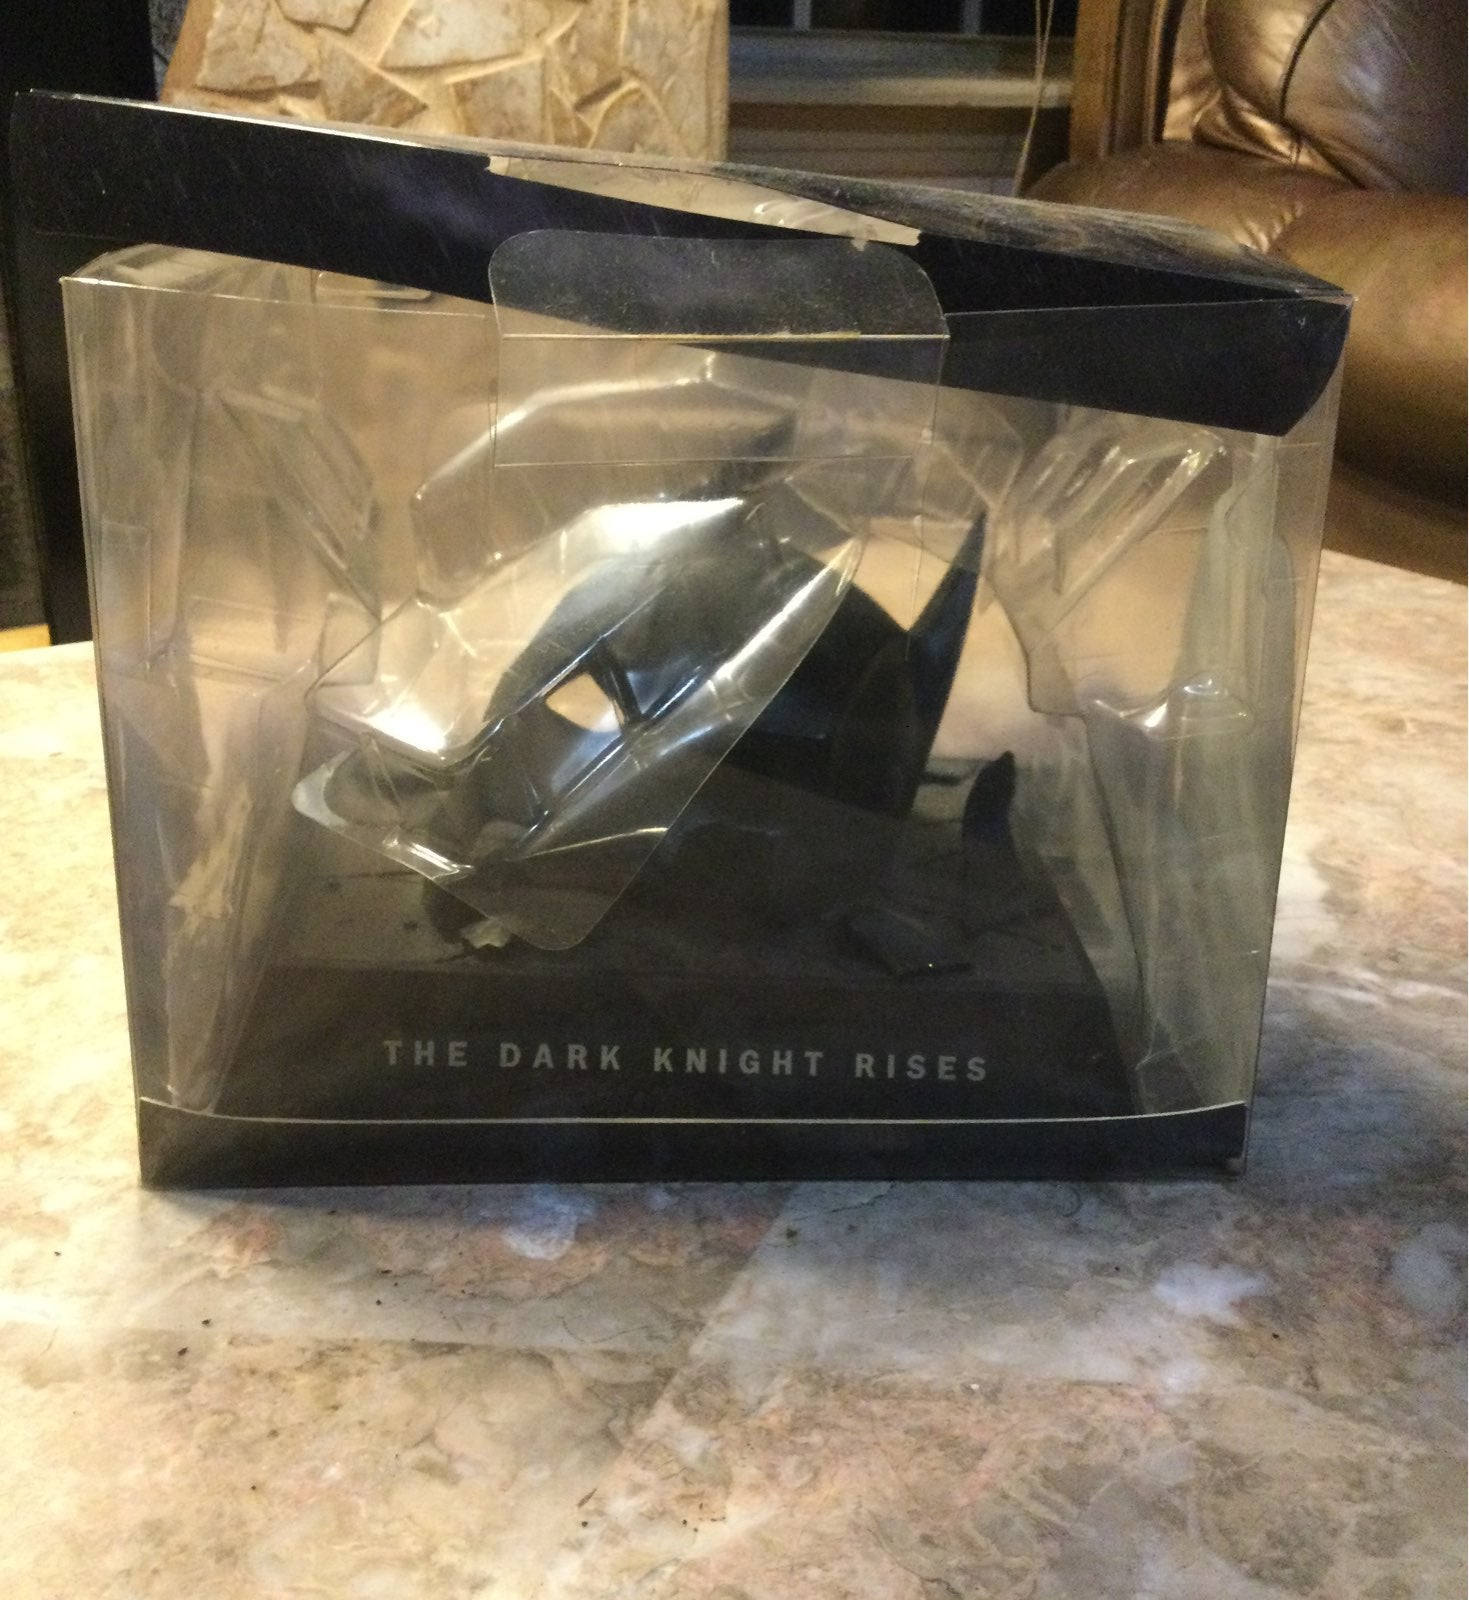 Batman collectors item